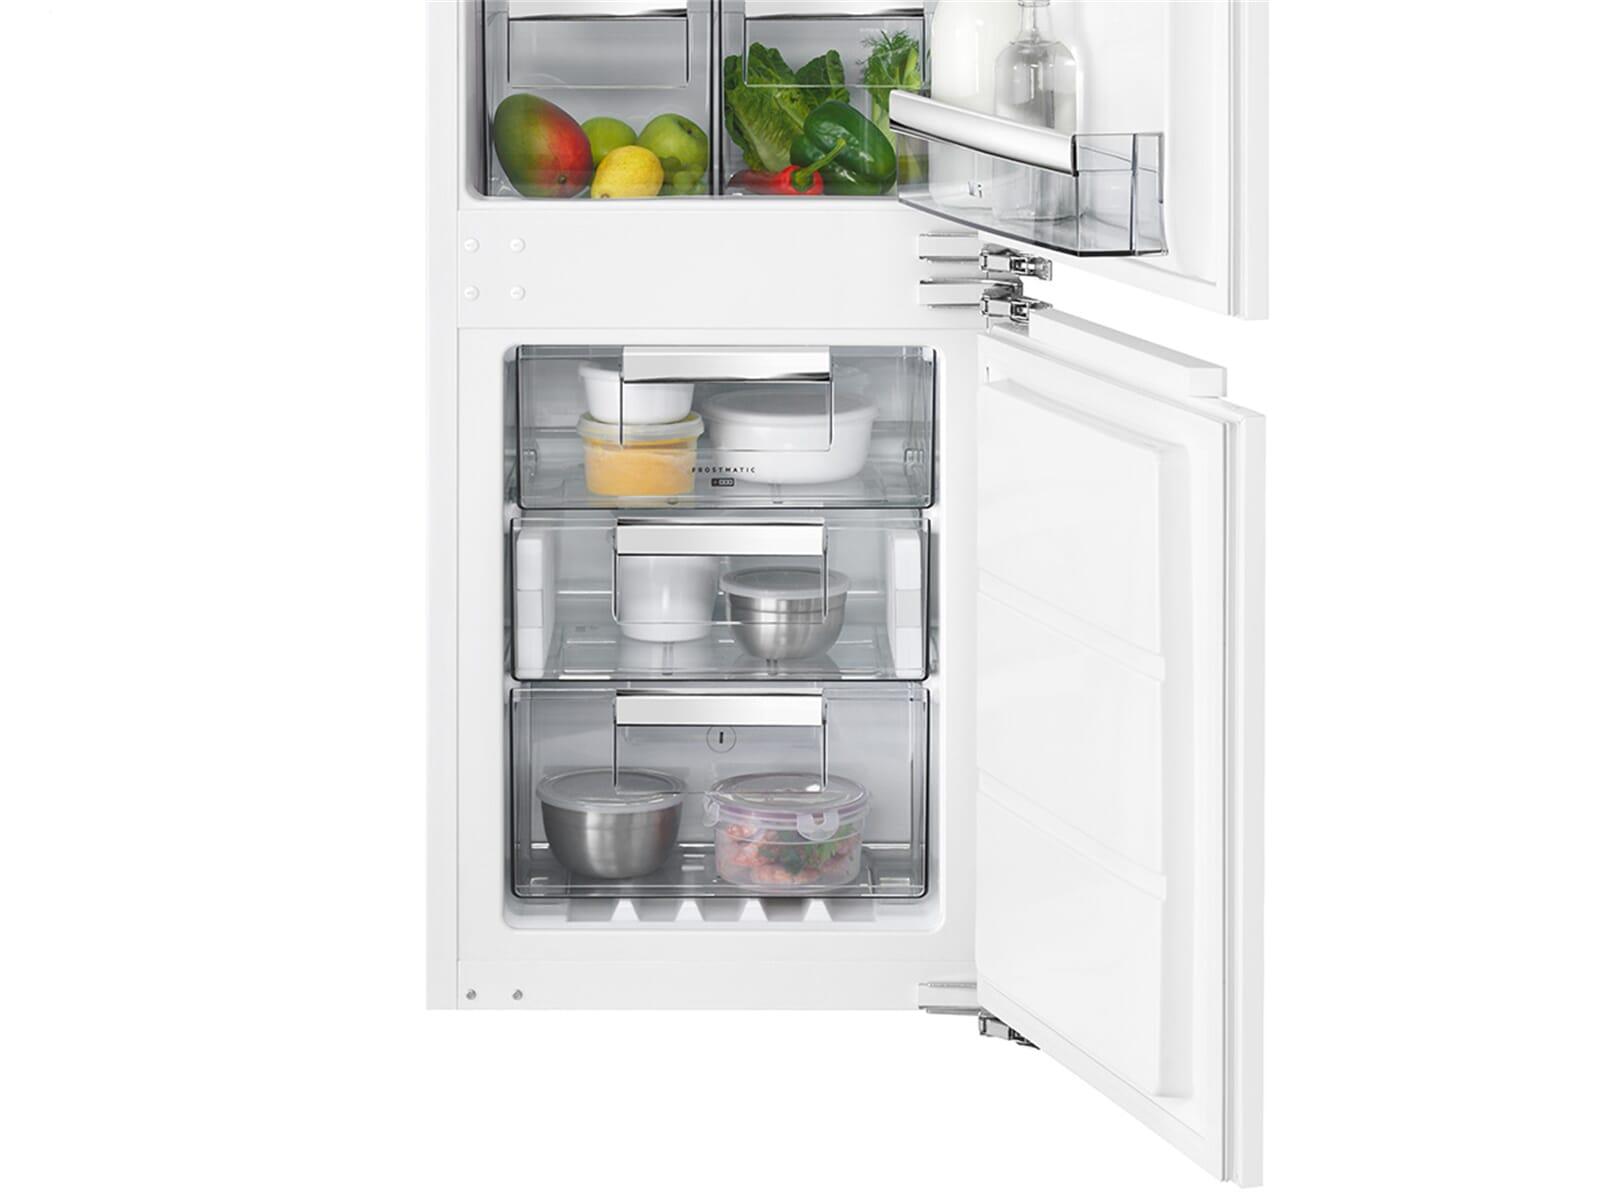 Aeg Kühlschrank Gefrierkombination Einbau : Aeg sce tc einbau kühl gefrierkombination